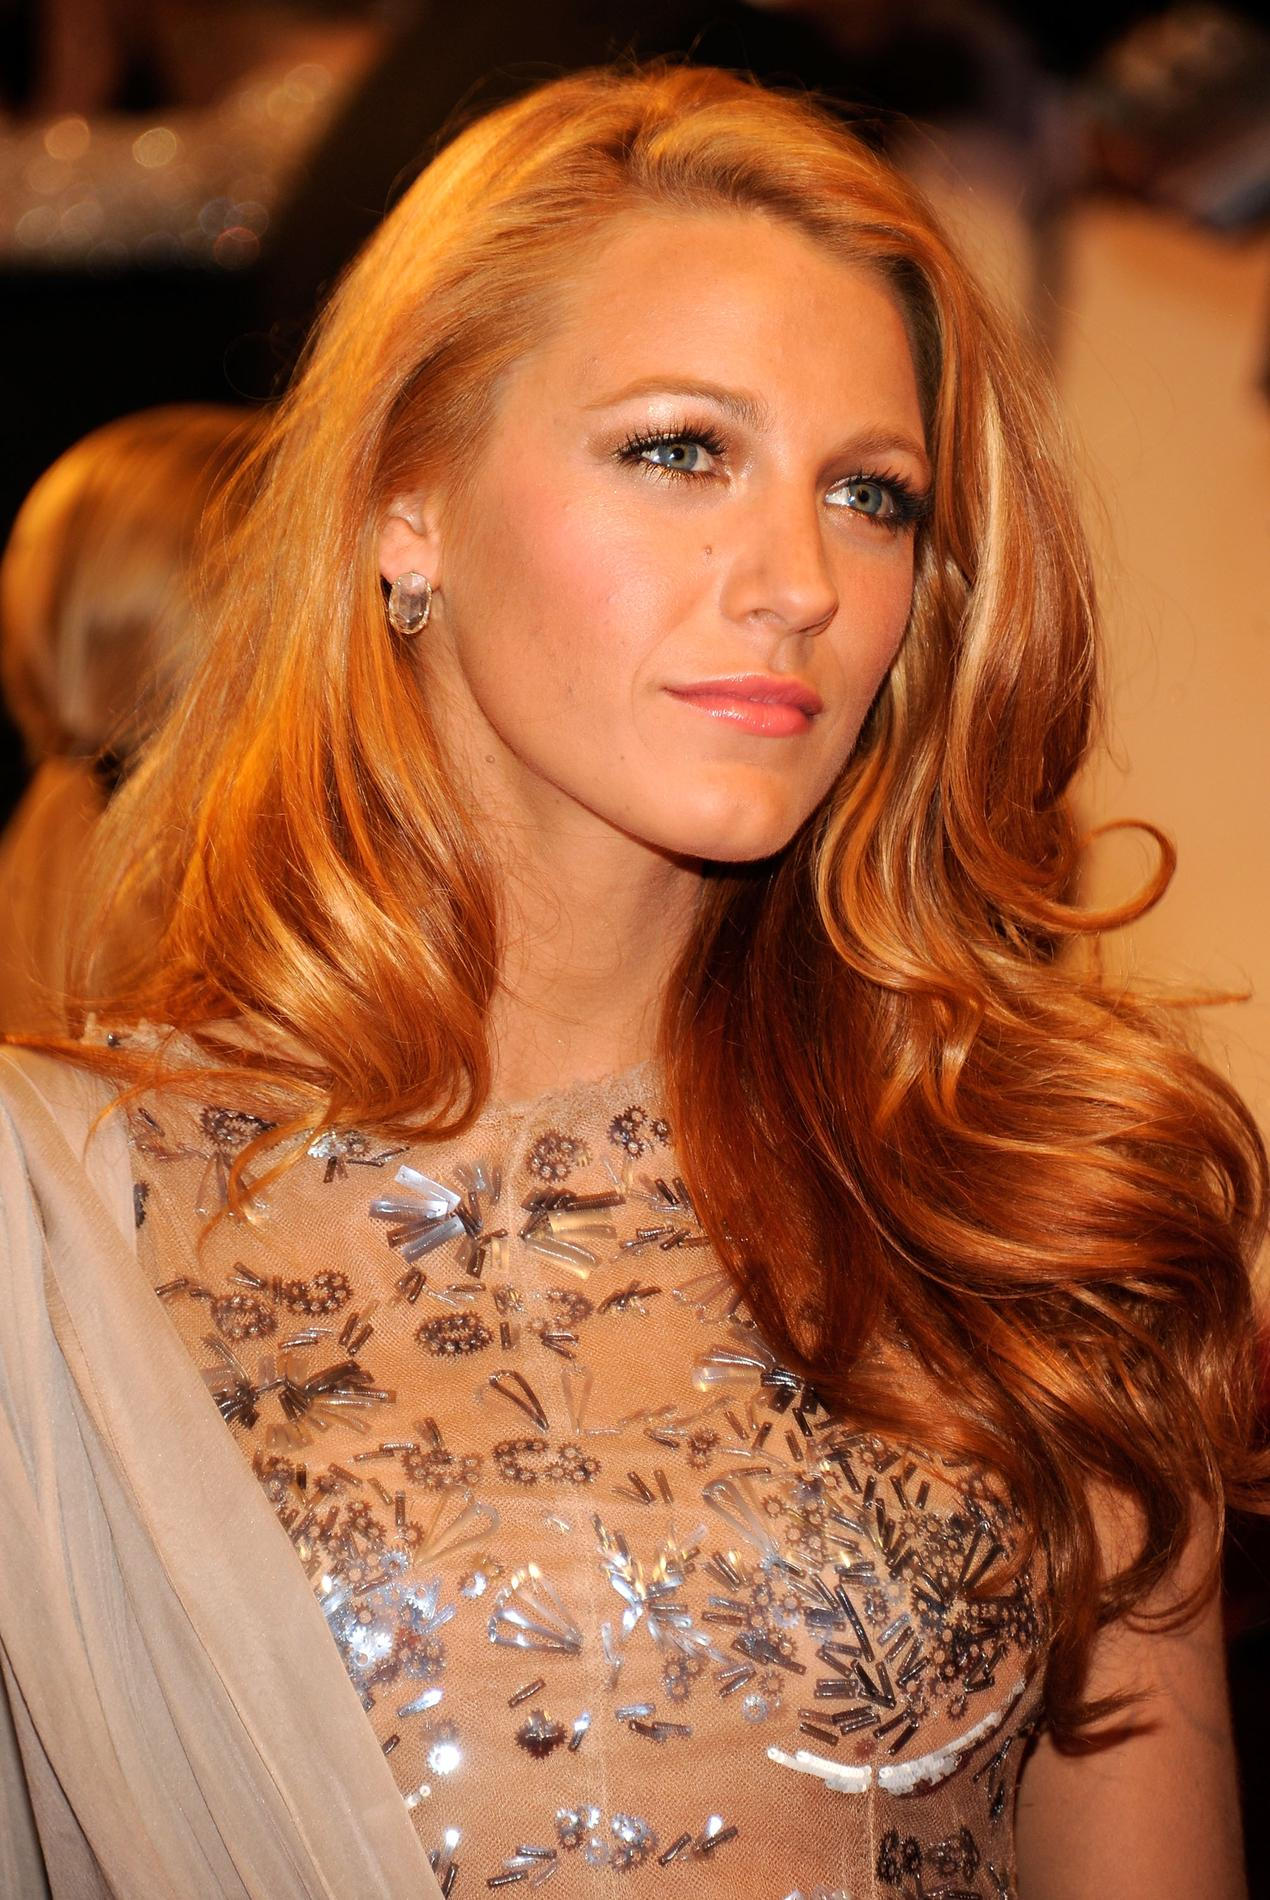 Belle Blond-fraise, la tendance coloration pas si étrange - Madame Figaro RM-48